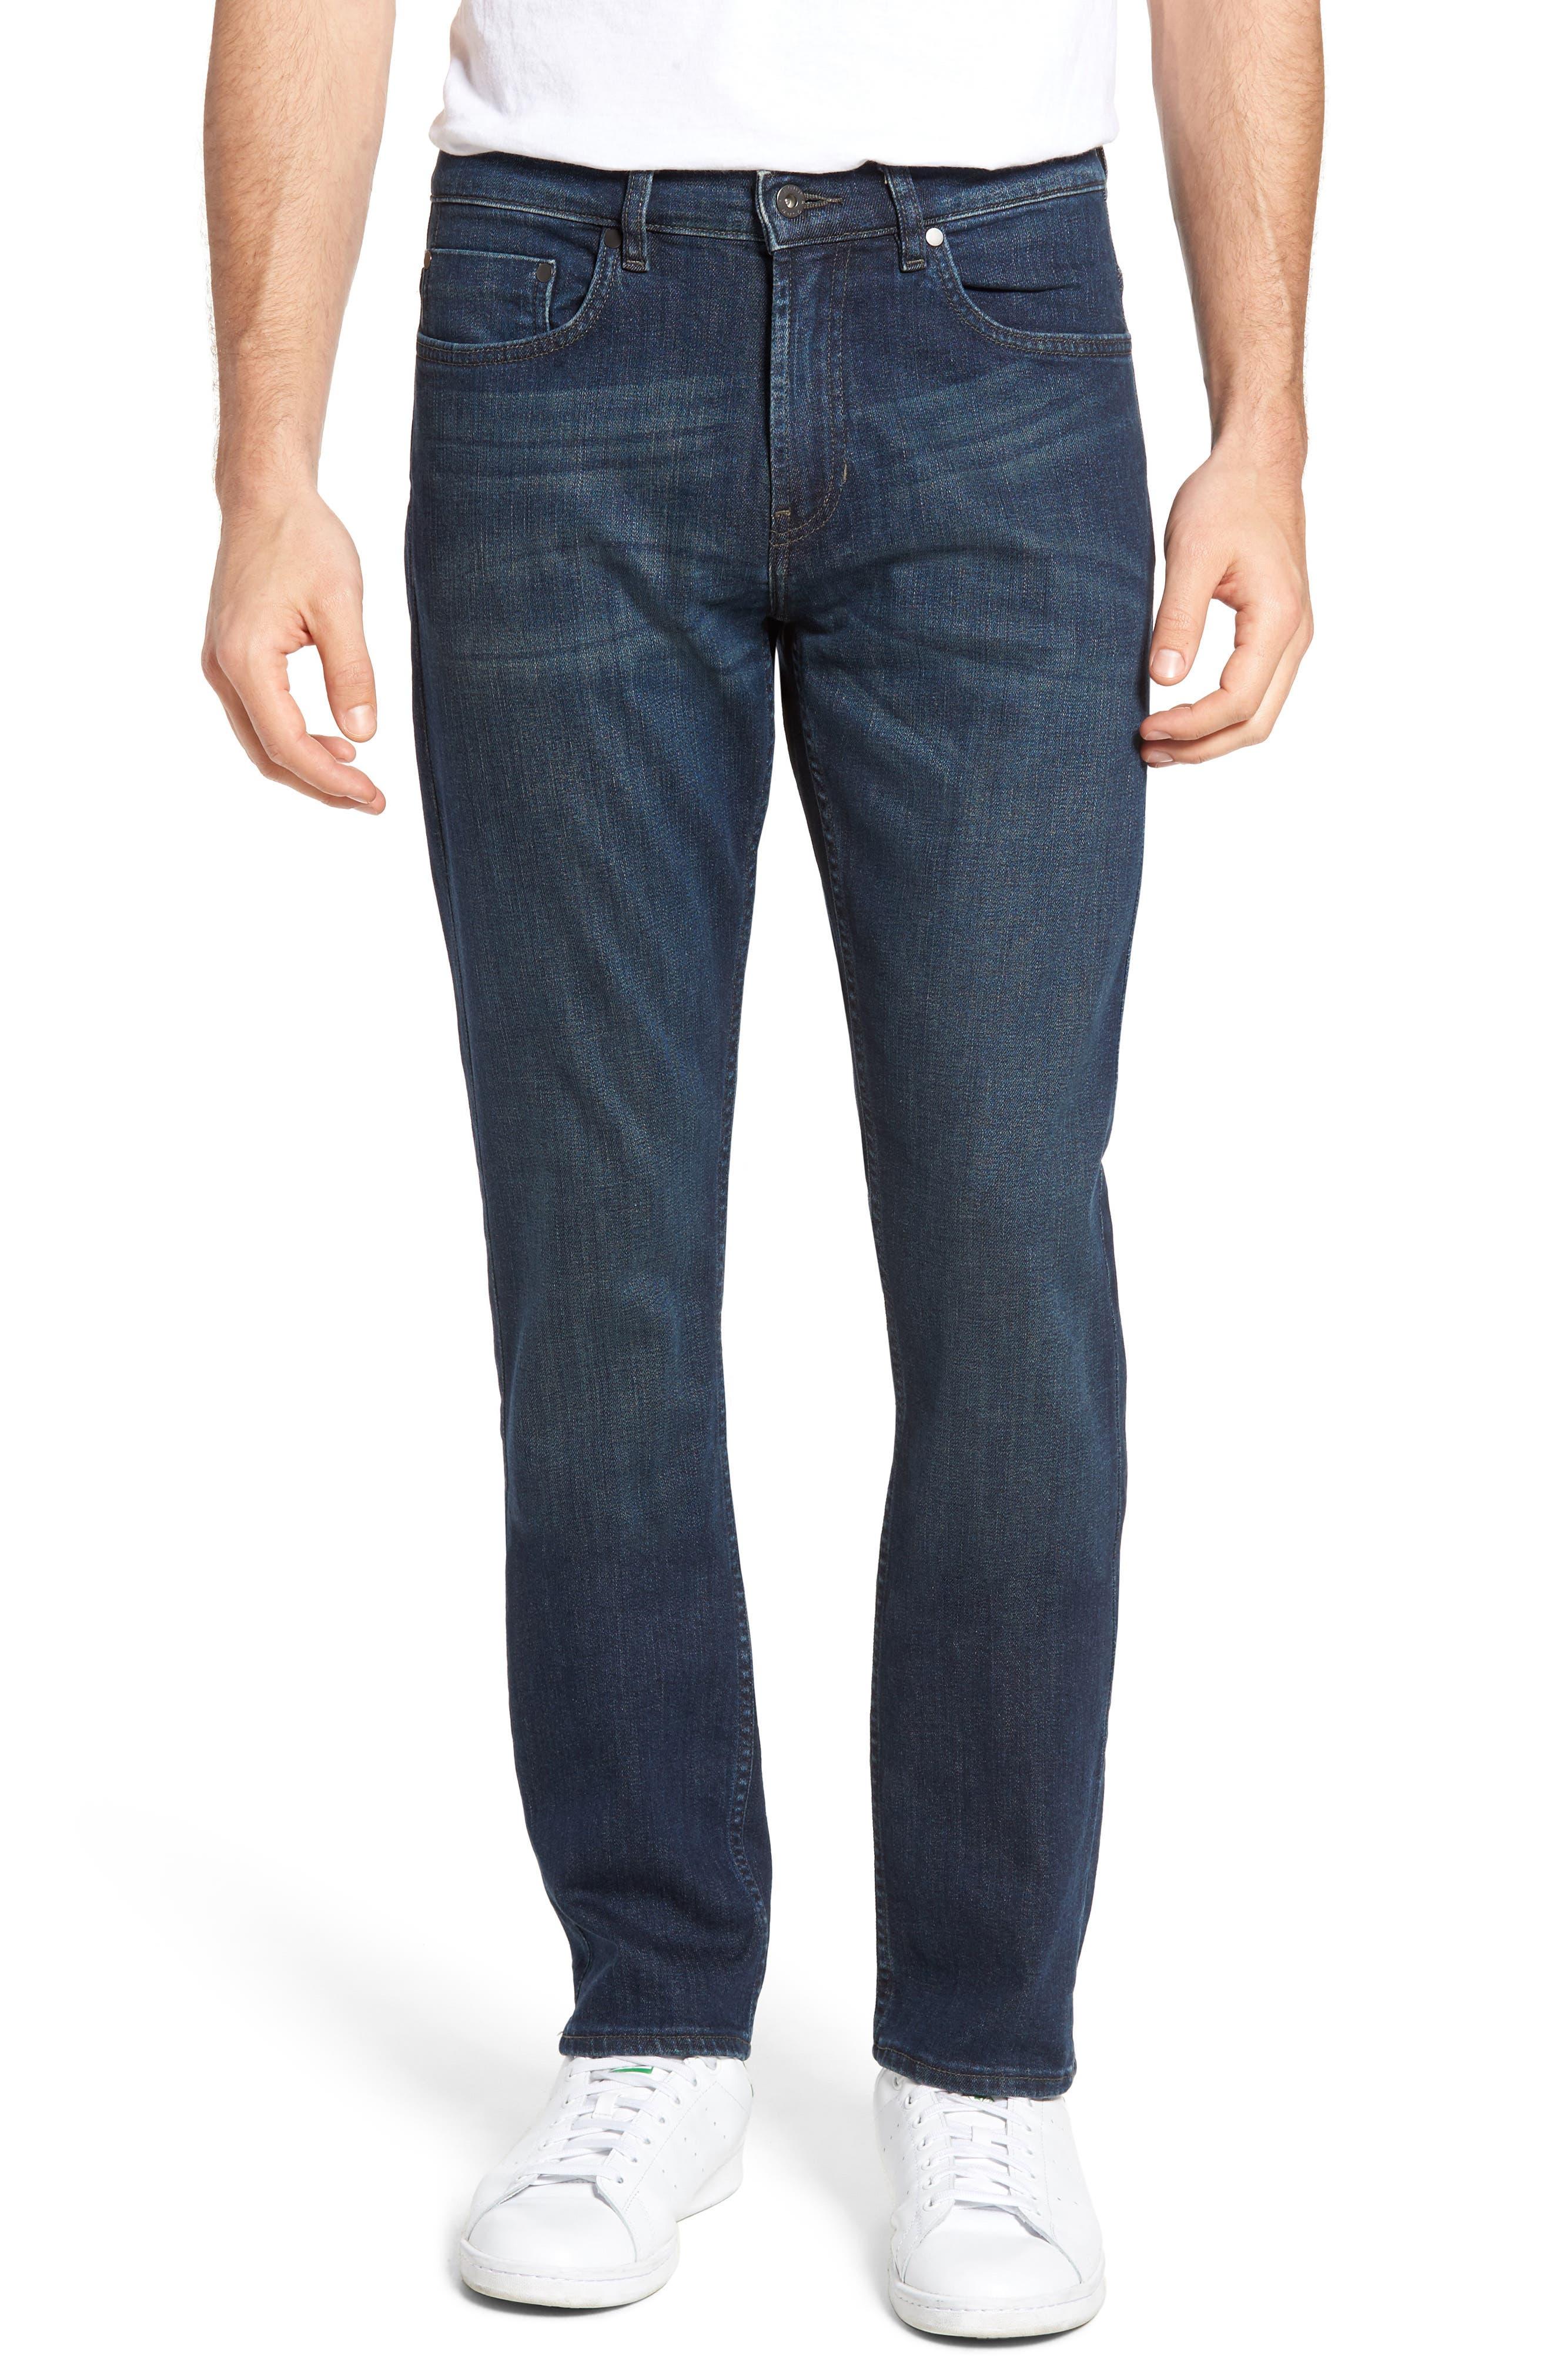 Alternate Image 1 Selected - Rodd & Gunn Calvert Slim Fit Jeans